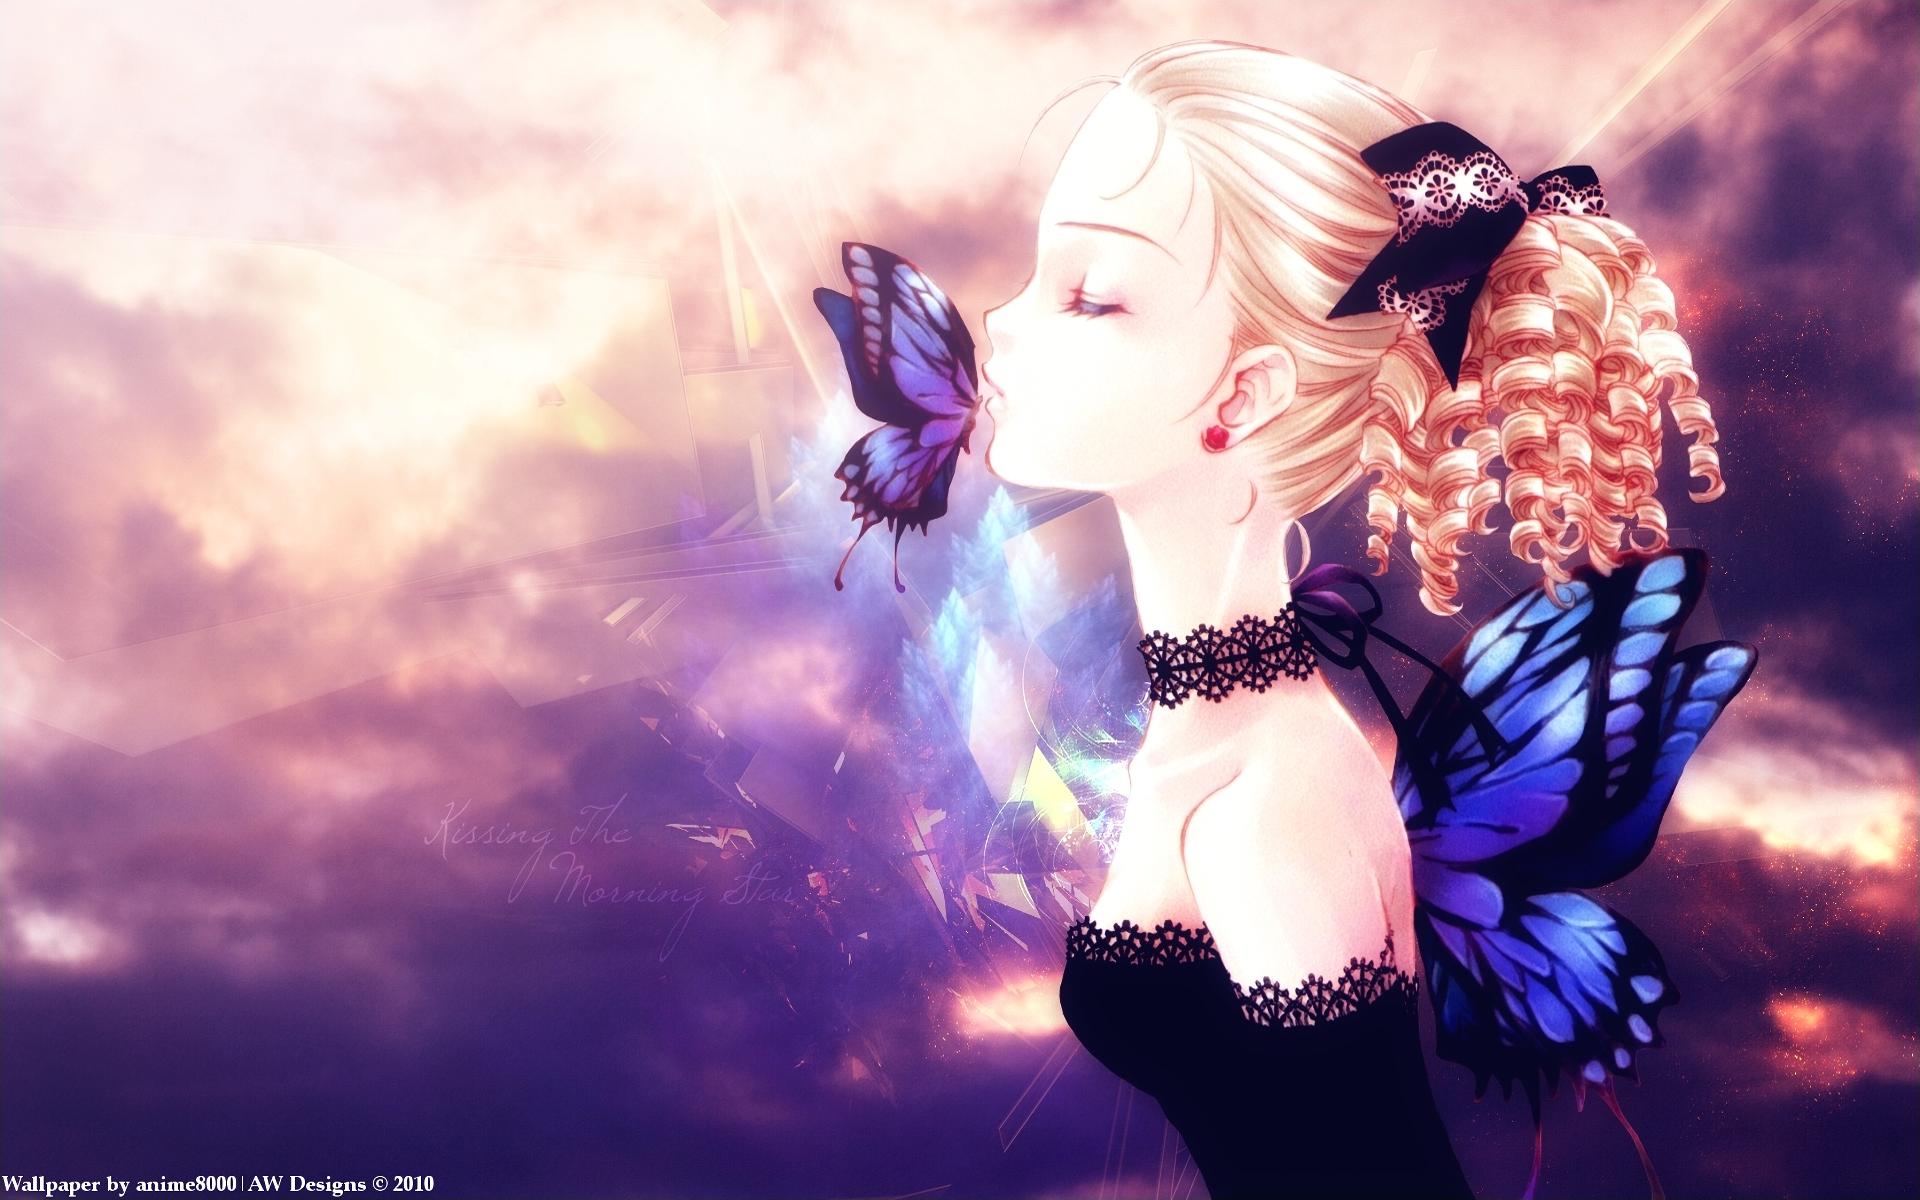 Anime Original Girl Fairy Butterfly Blonde Wings Kiss Wallpaper Blue Butterfly Wings Anime Butterfly Female Anime